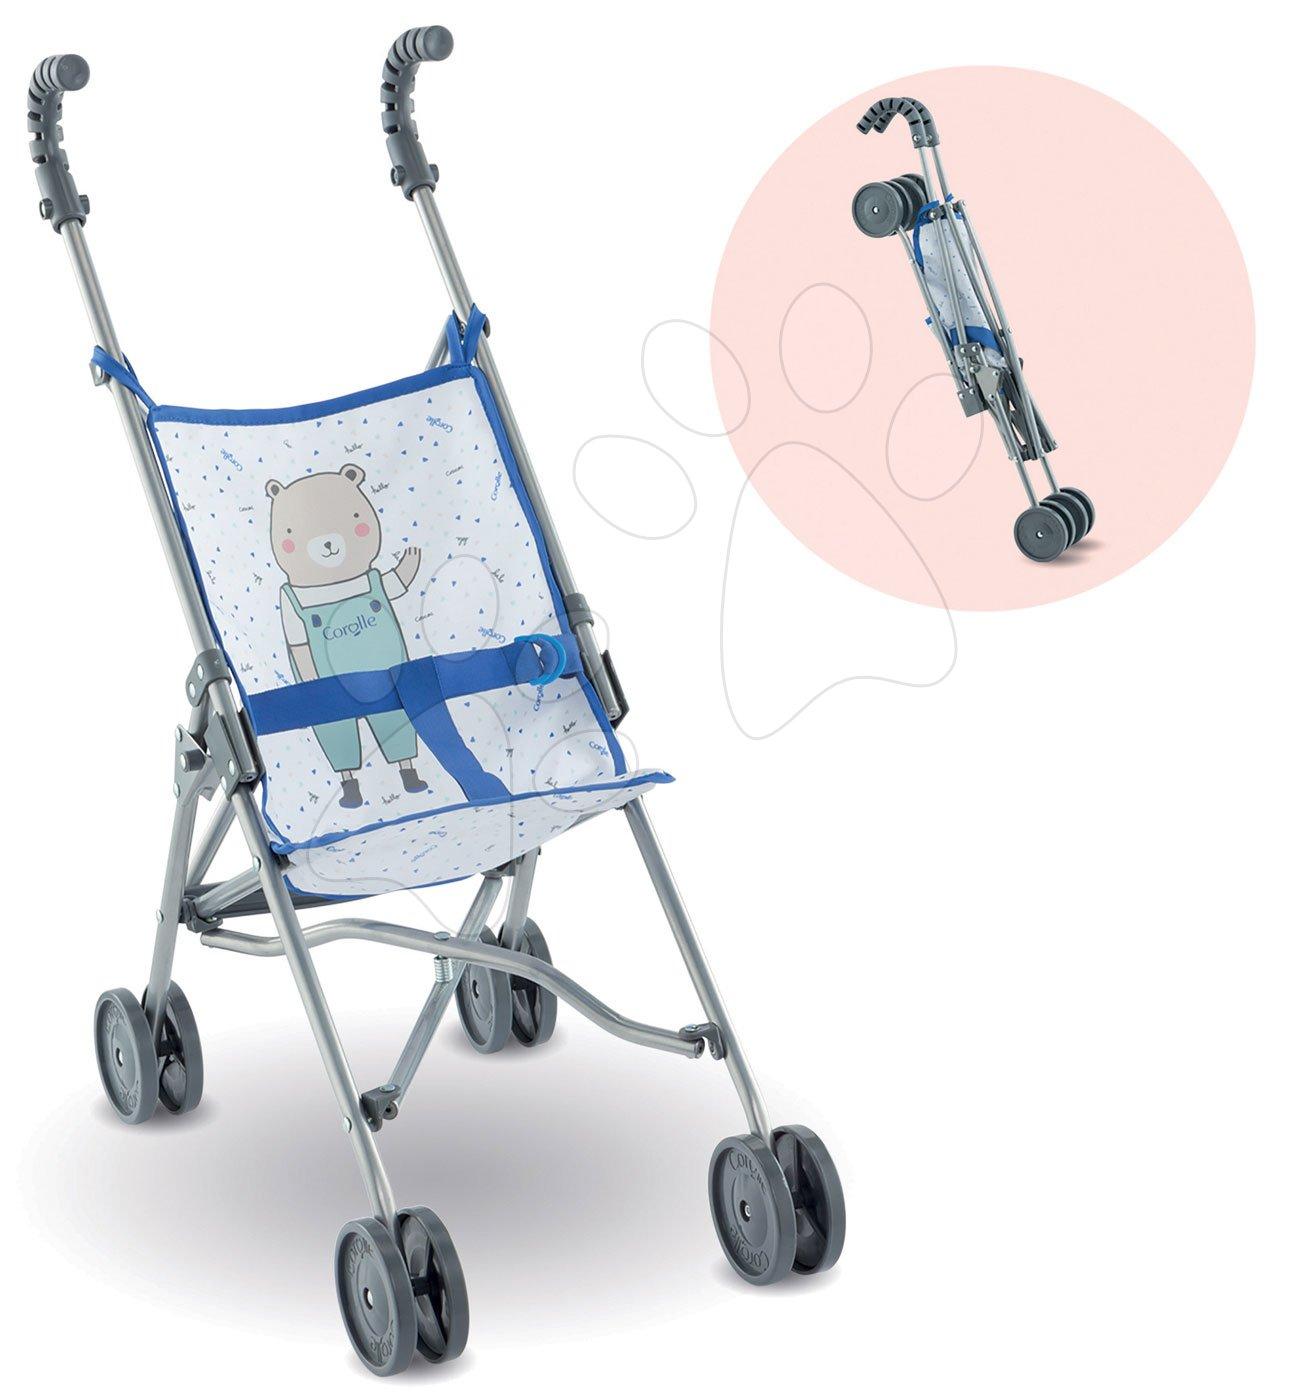 Kočík skladací Umbrella Stroller Mon Grand Poupon Corolle Canne Blue pre 36-42 cm bábiku od 24 mes